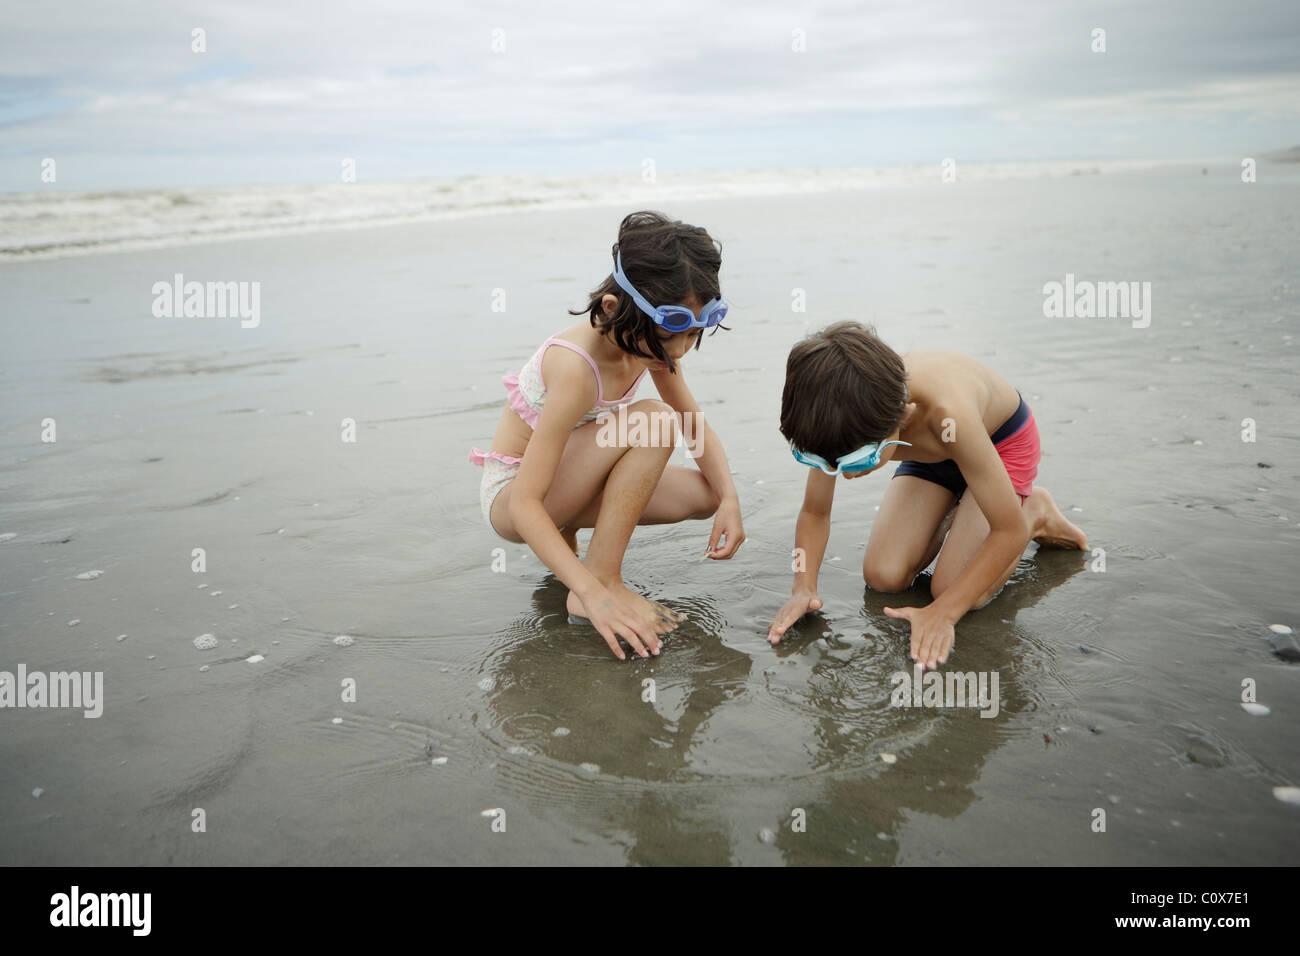 Fratello e Sorella, razza mista, giocare in mare. Manawatu Affitto, Nuova Zelanda. Foto Stock